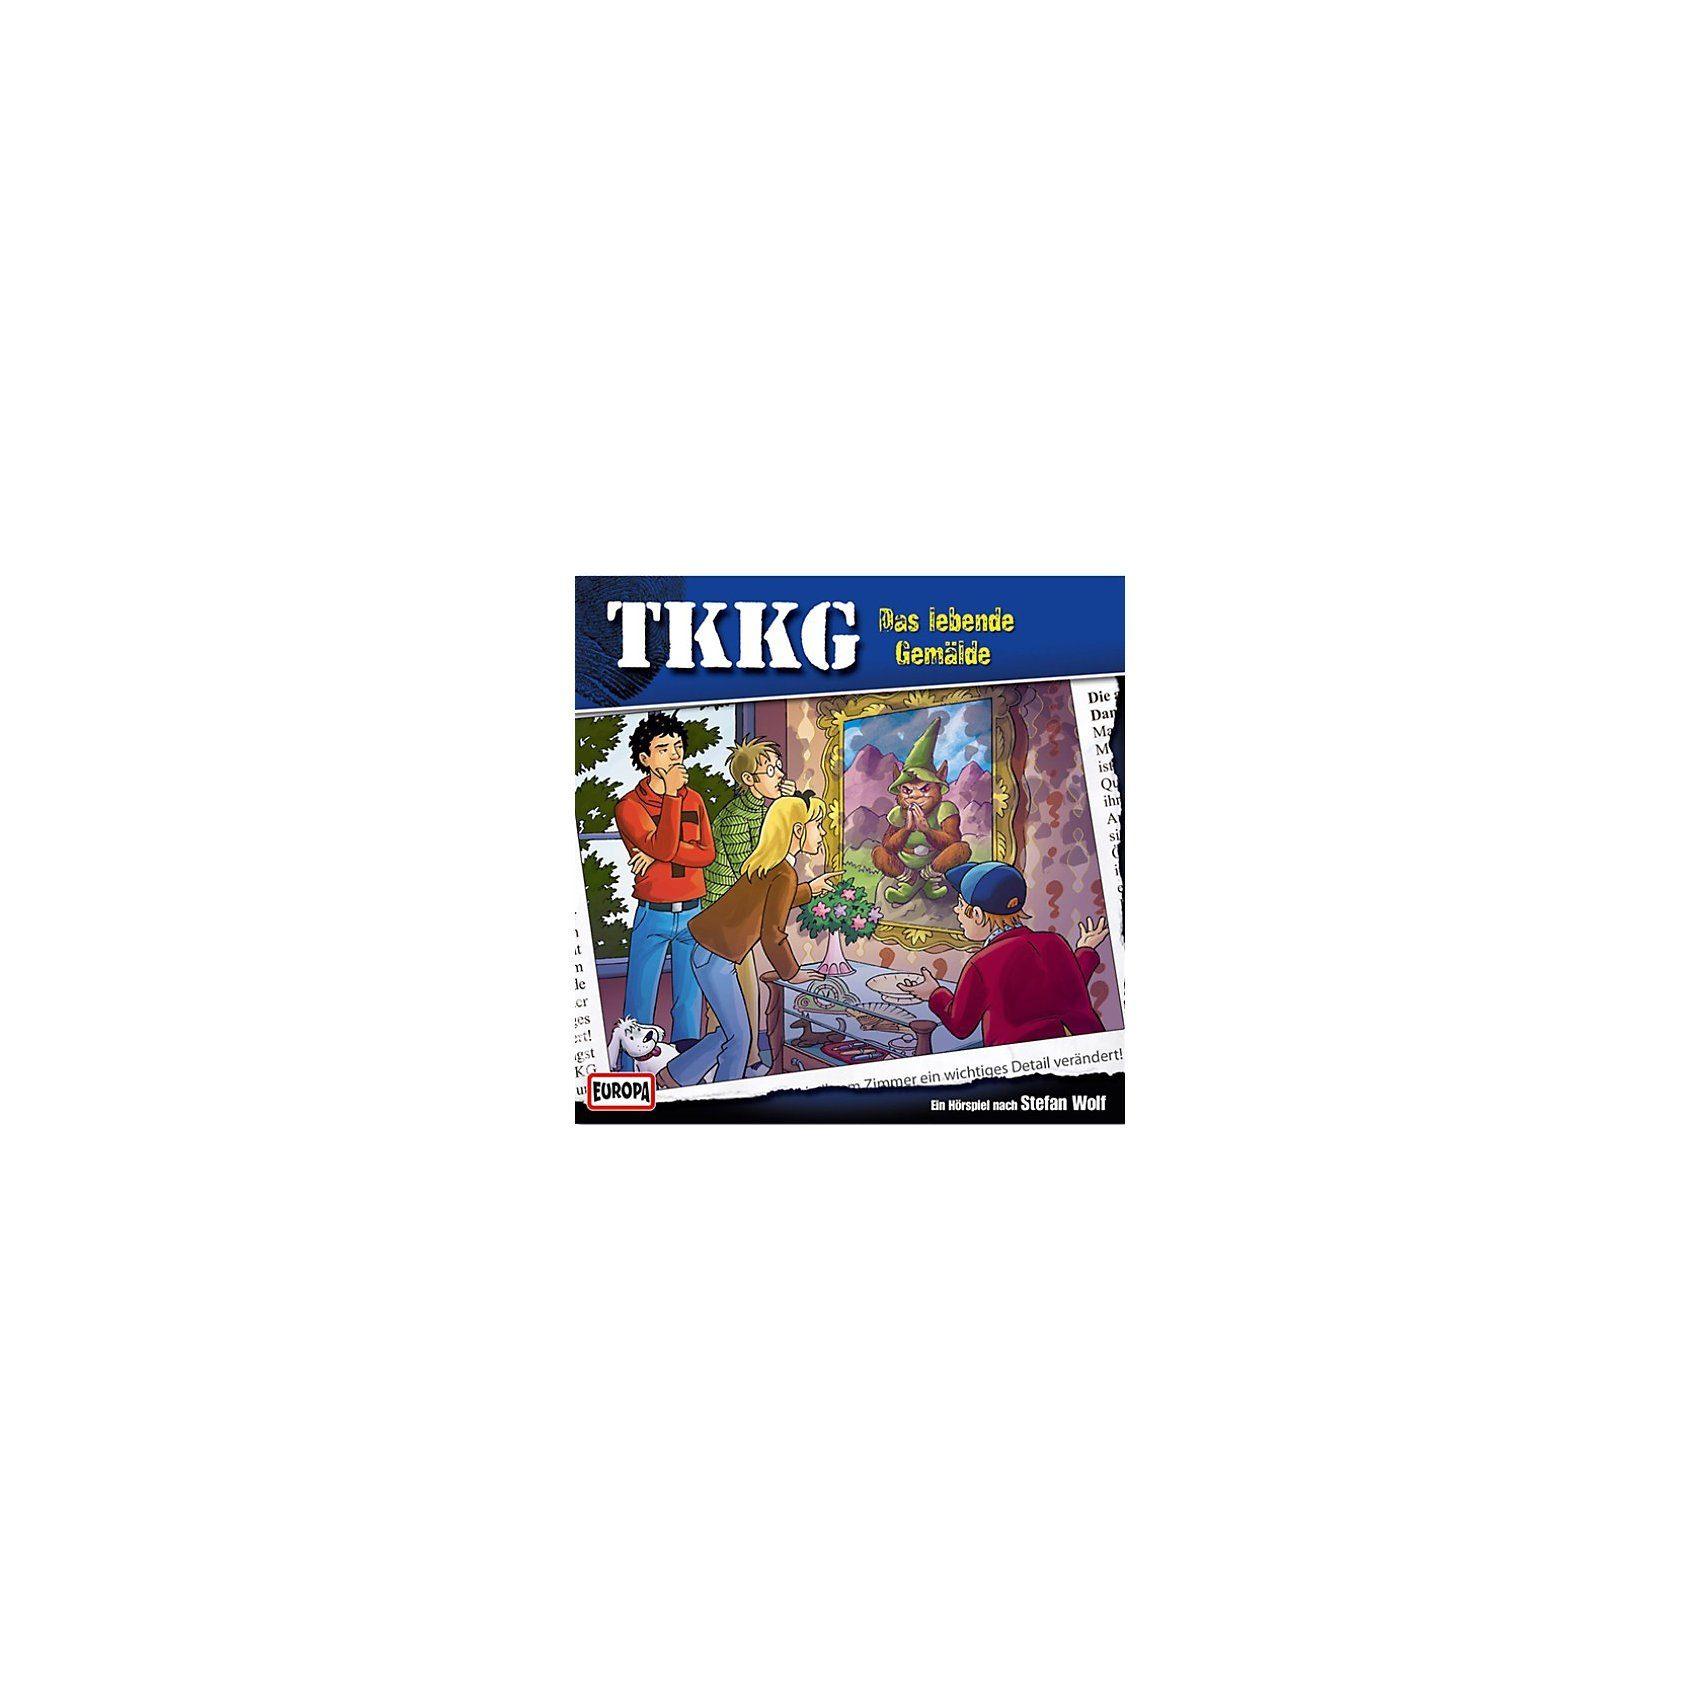 Sony CD TKKG 171 - Das lebende Gemälde